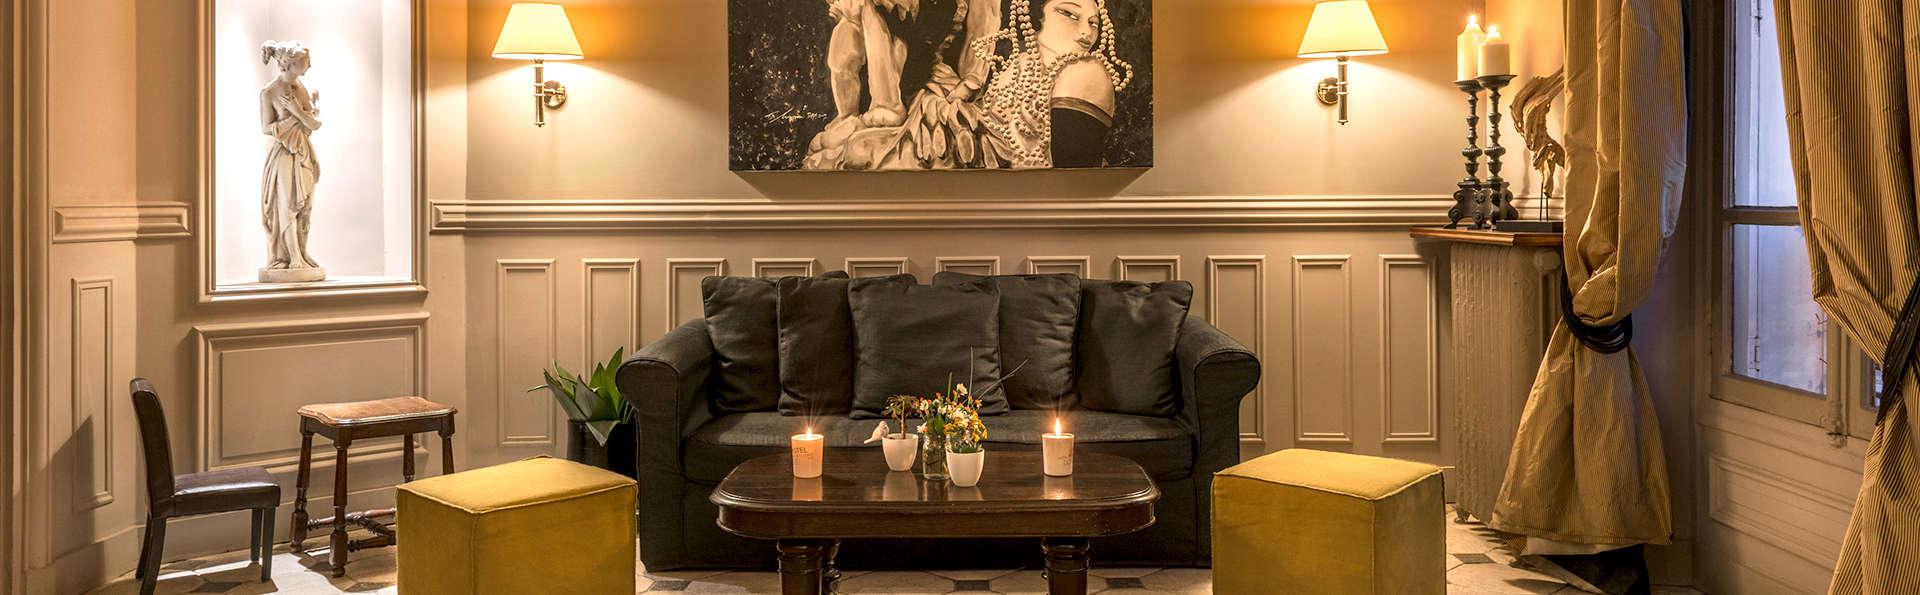 Hôtel Porte Dorée - Edit_Lounge2.jpg